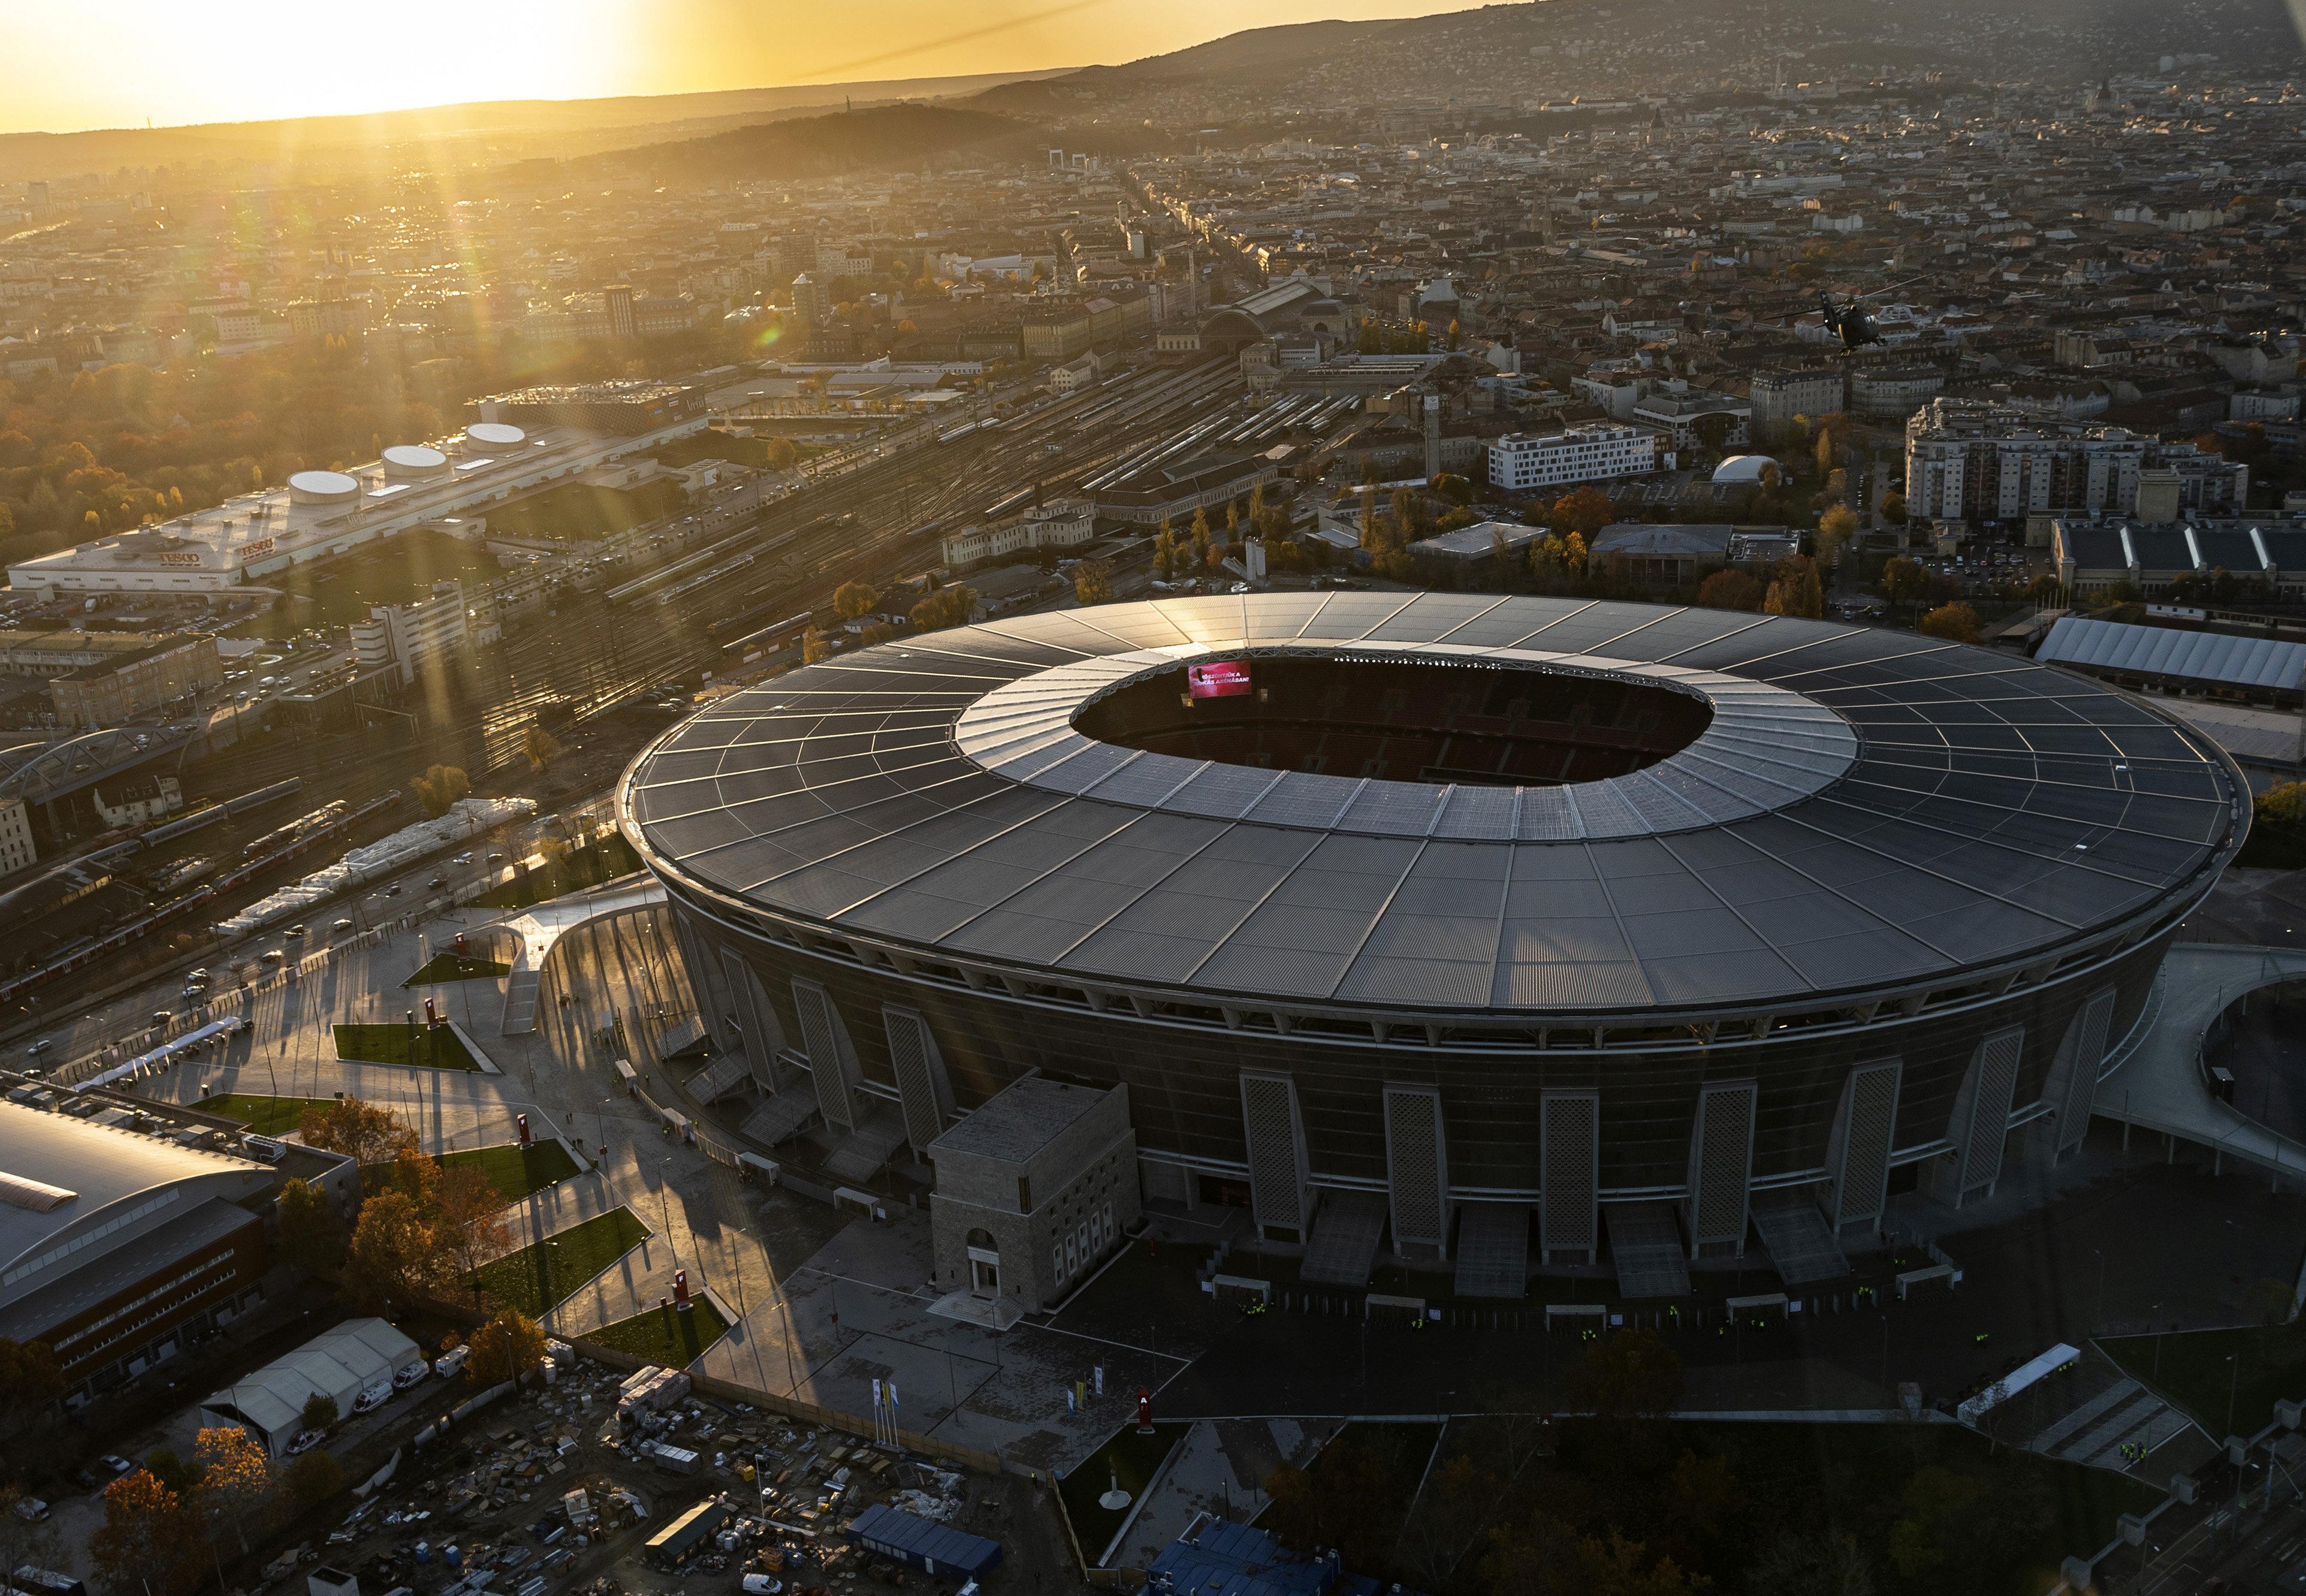 A Puskás Arénában lesz az Európai Szuperkupa döntő